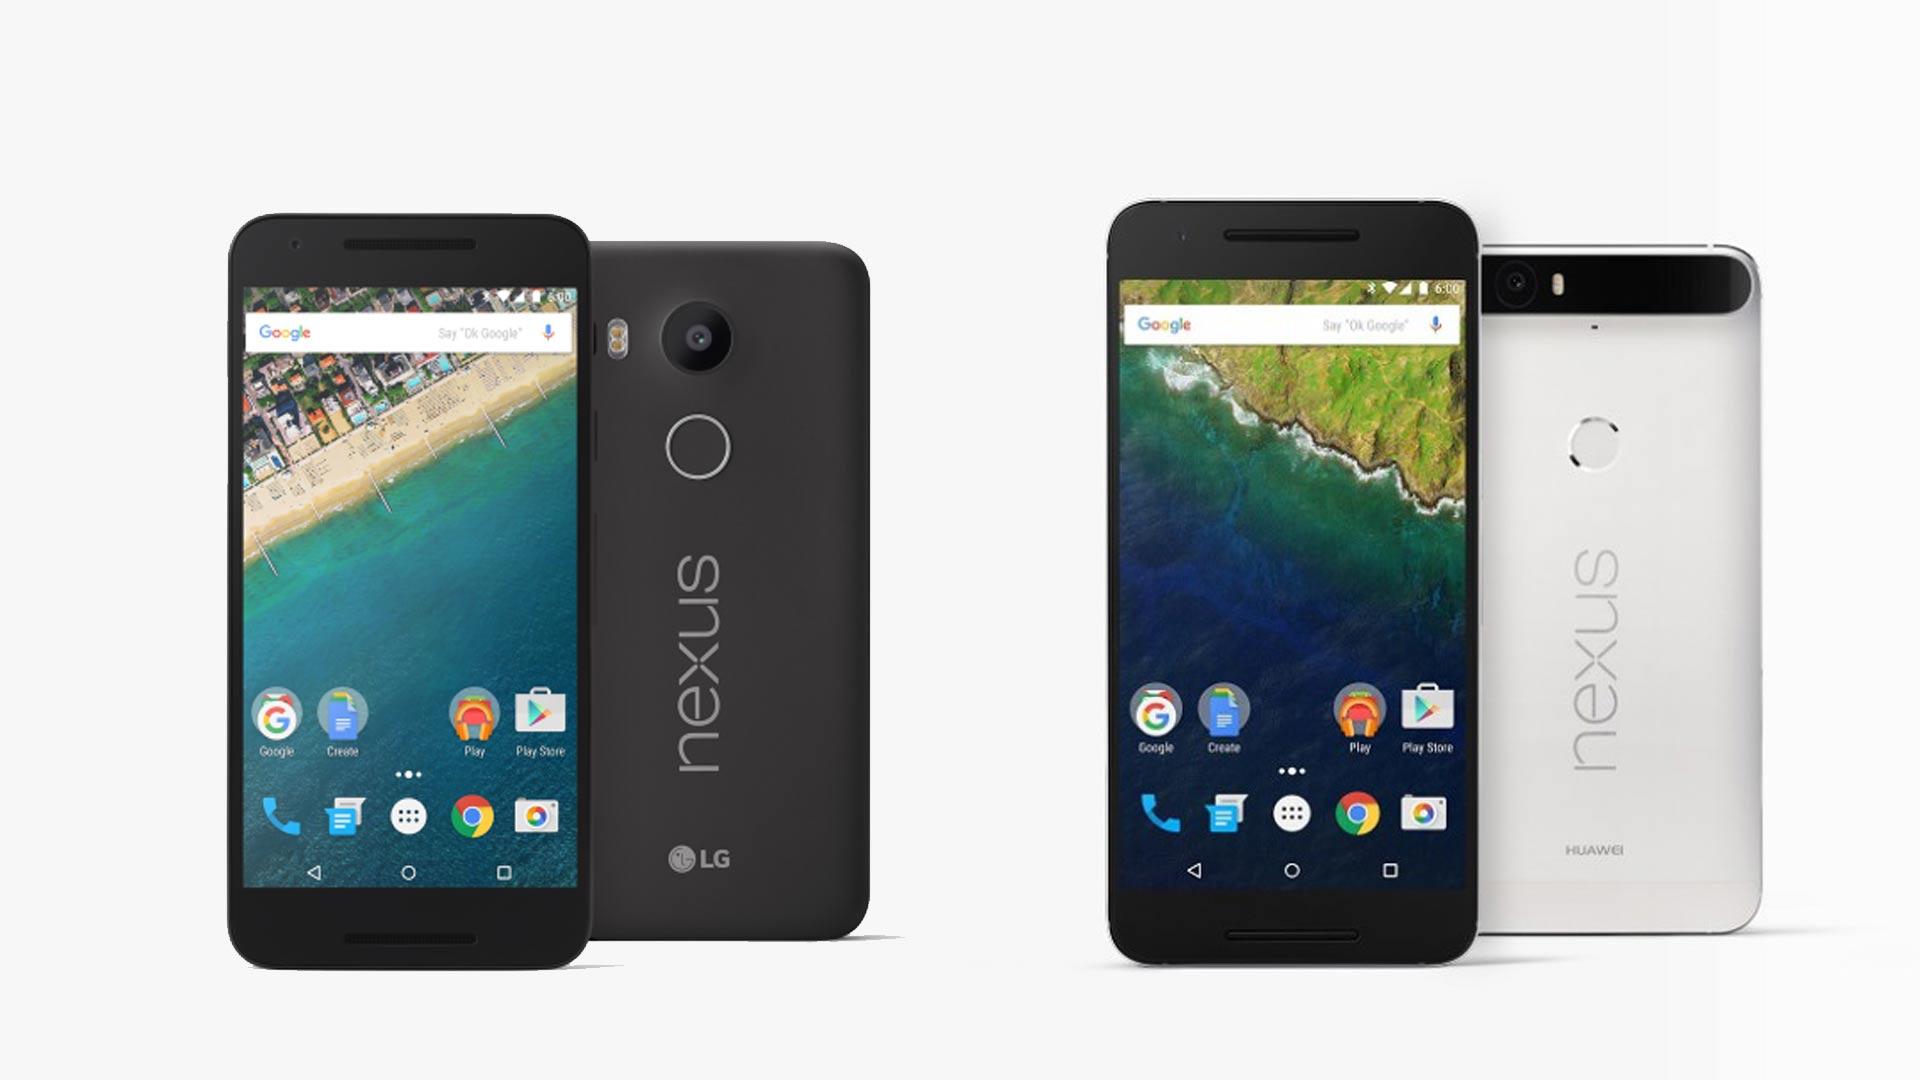 Google dévoile les Nexus 5X et Nexus 6P